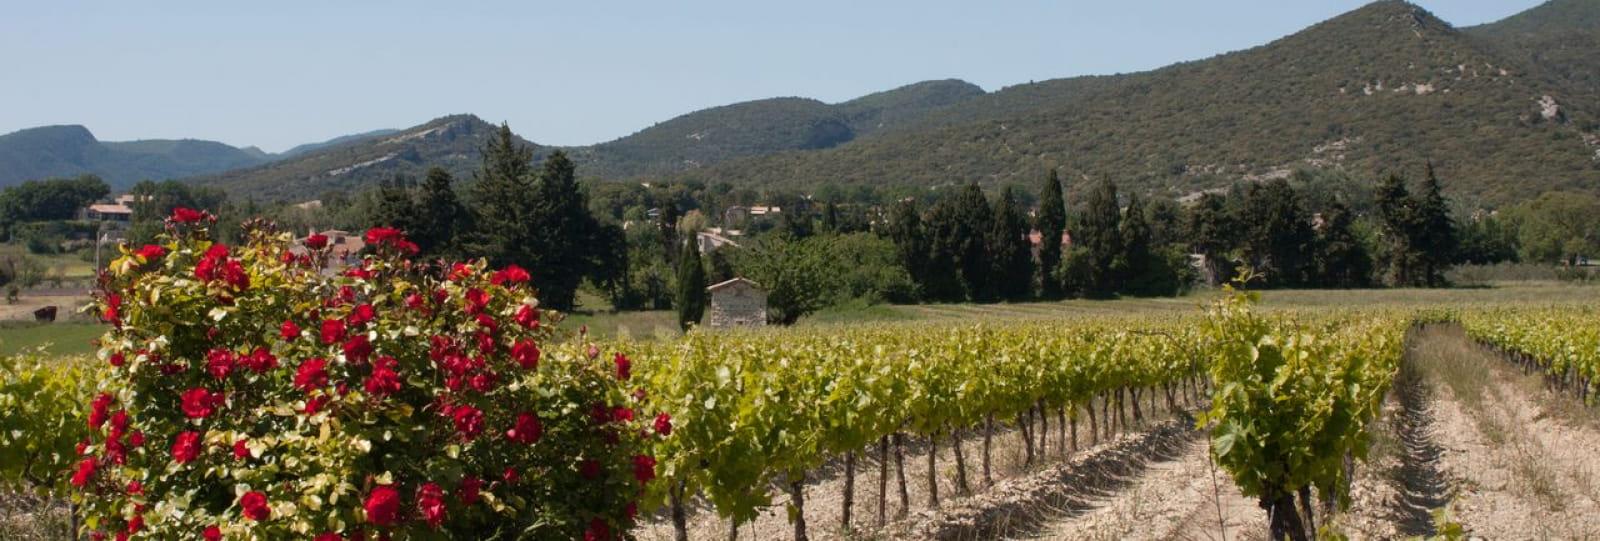 Les Vignerons de Valléon - Caveau de St Gervais sur Roubion